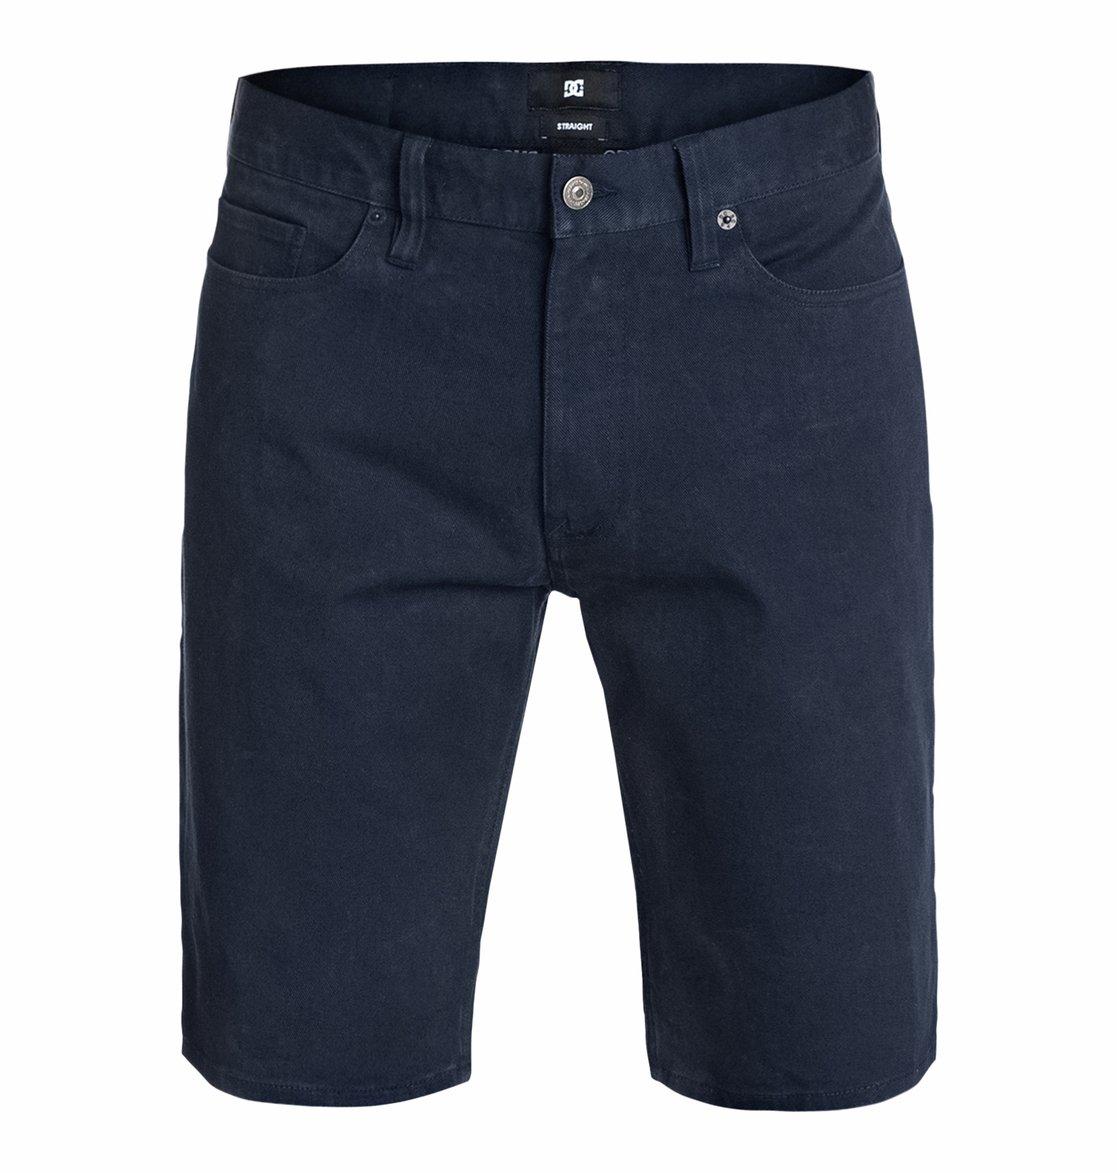 Здесь можно купить   Worker Color Straight Shorts Шорты